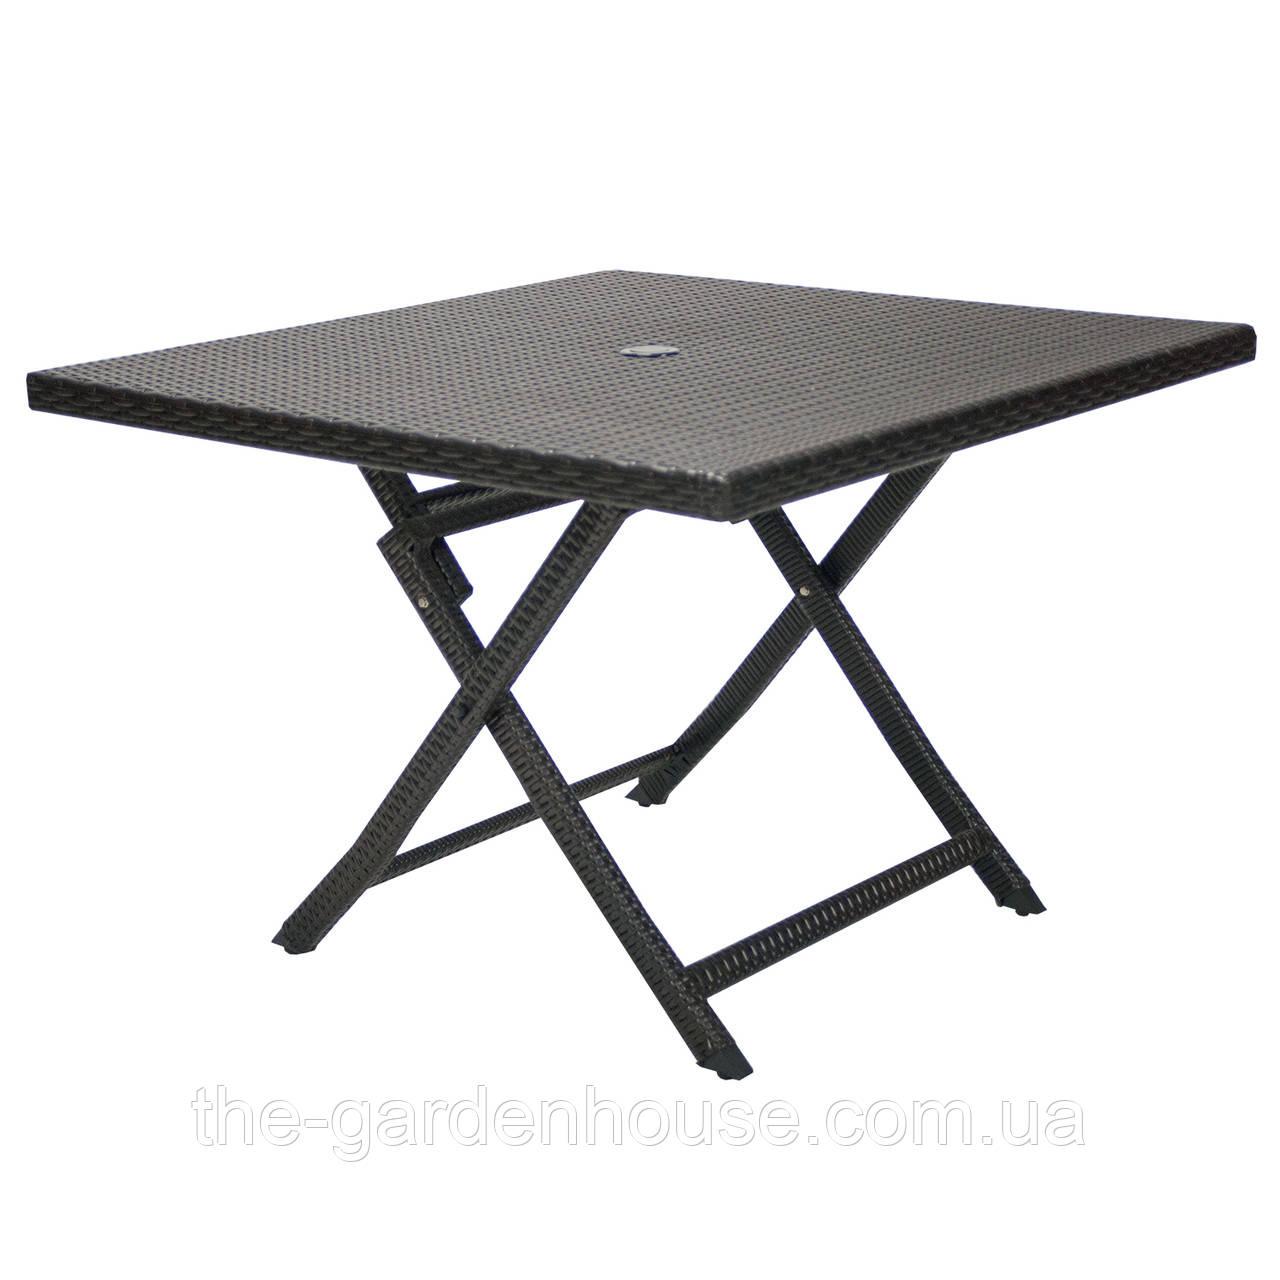 Складной обеденный стол из искусственного ротанга Stella 100х100 см темно-коричневый